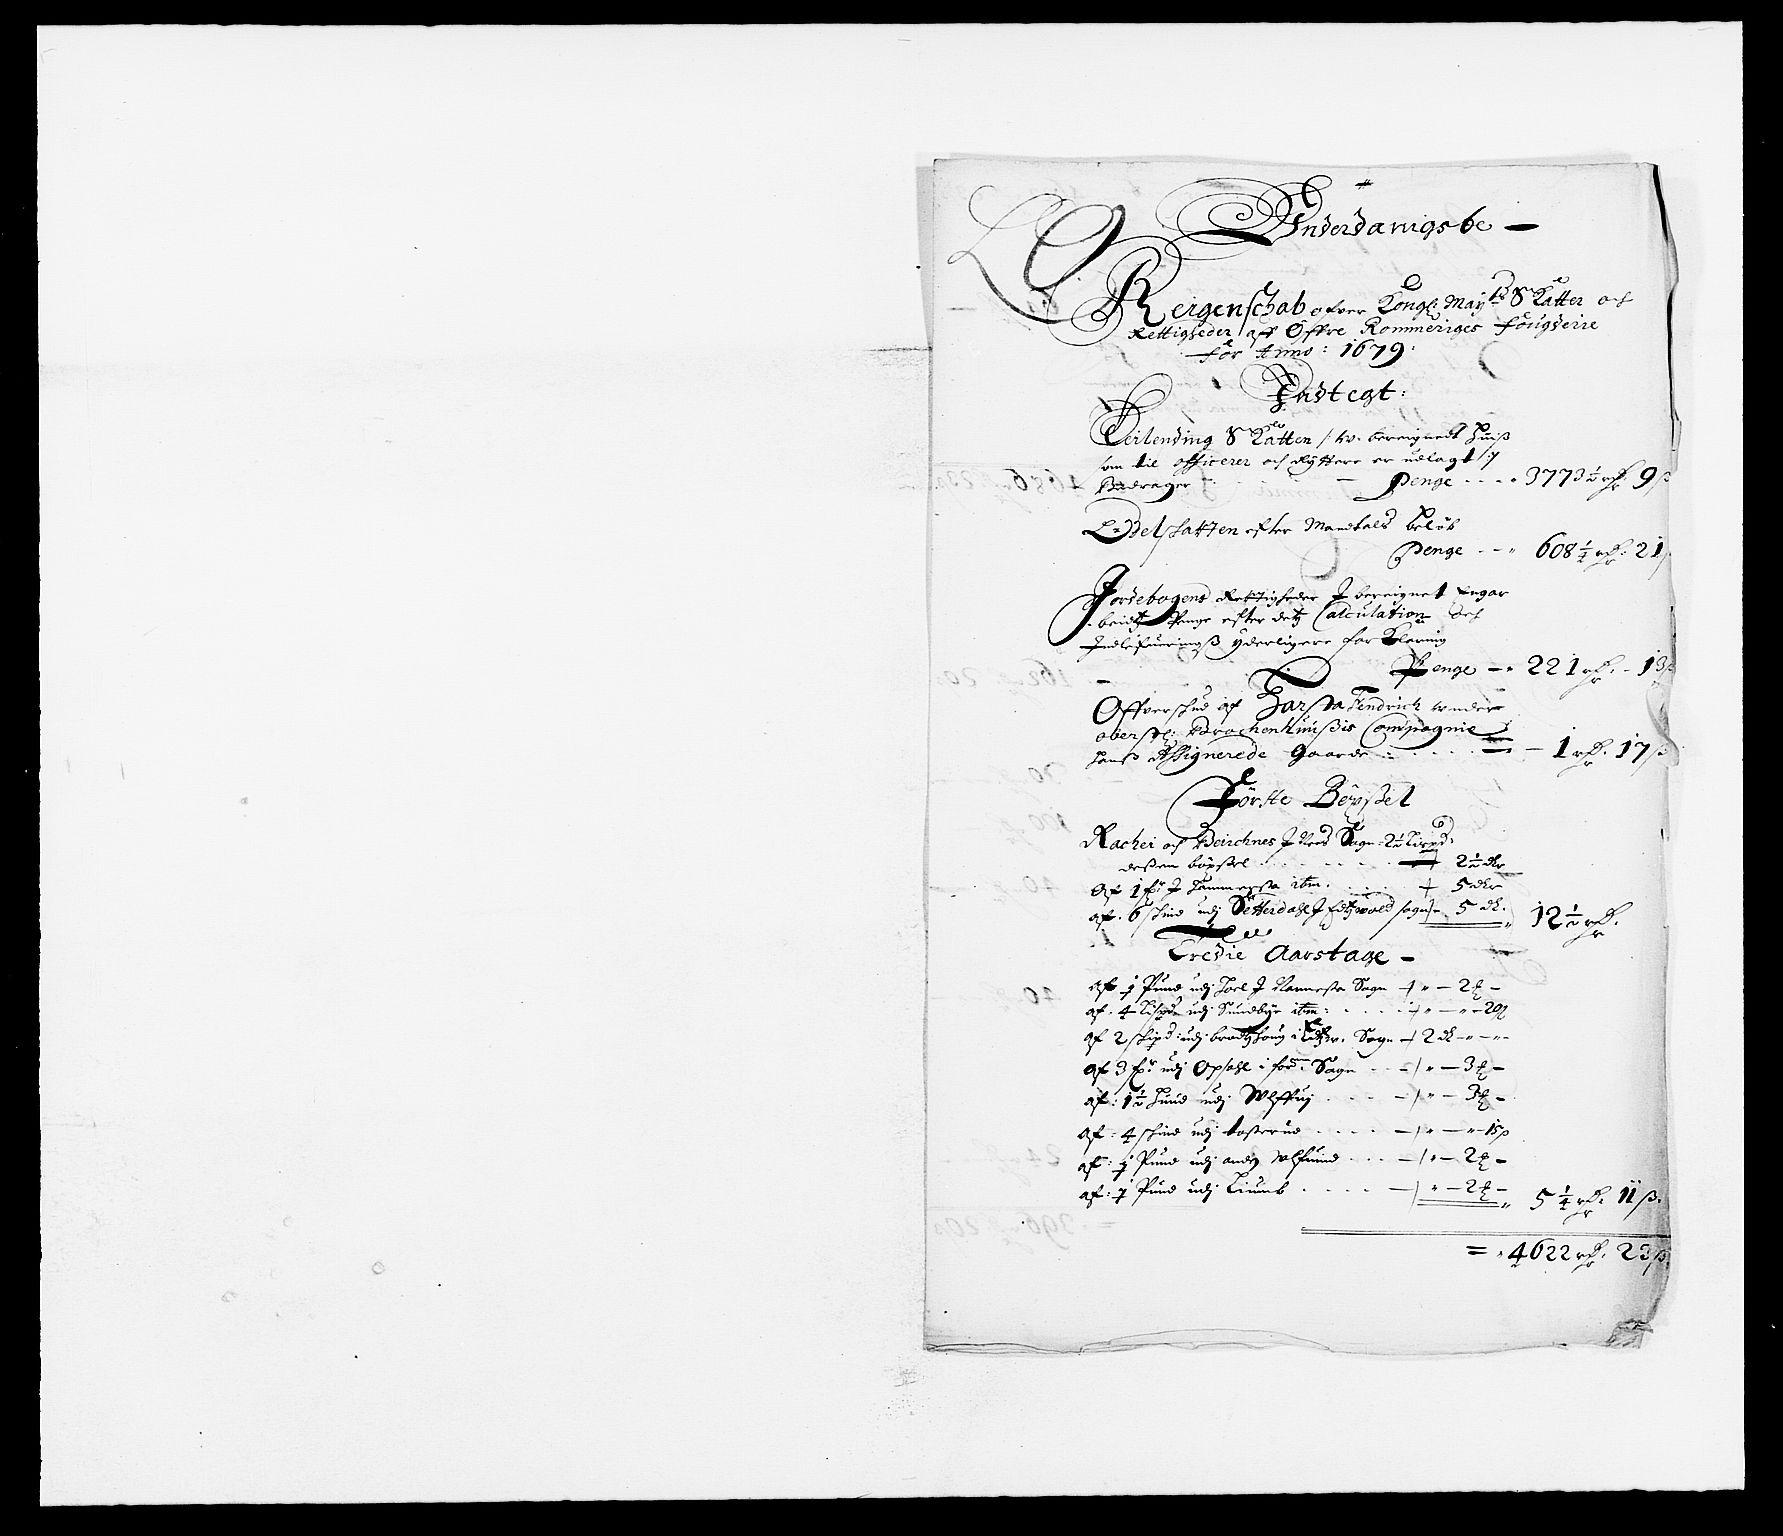 RA, Rentekammeret inntil 1814, Reviderte regnskaper, Fogderegnskap, R12/L0694: Fogderegnskap Øvre Romerike, 1678-1679, s. 27